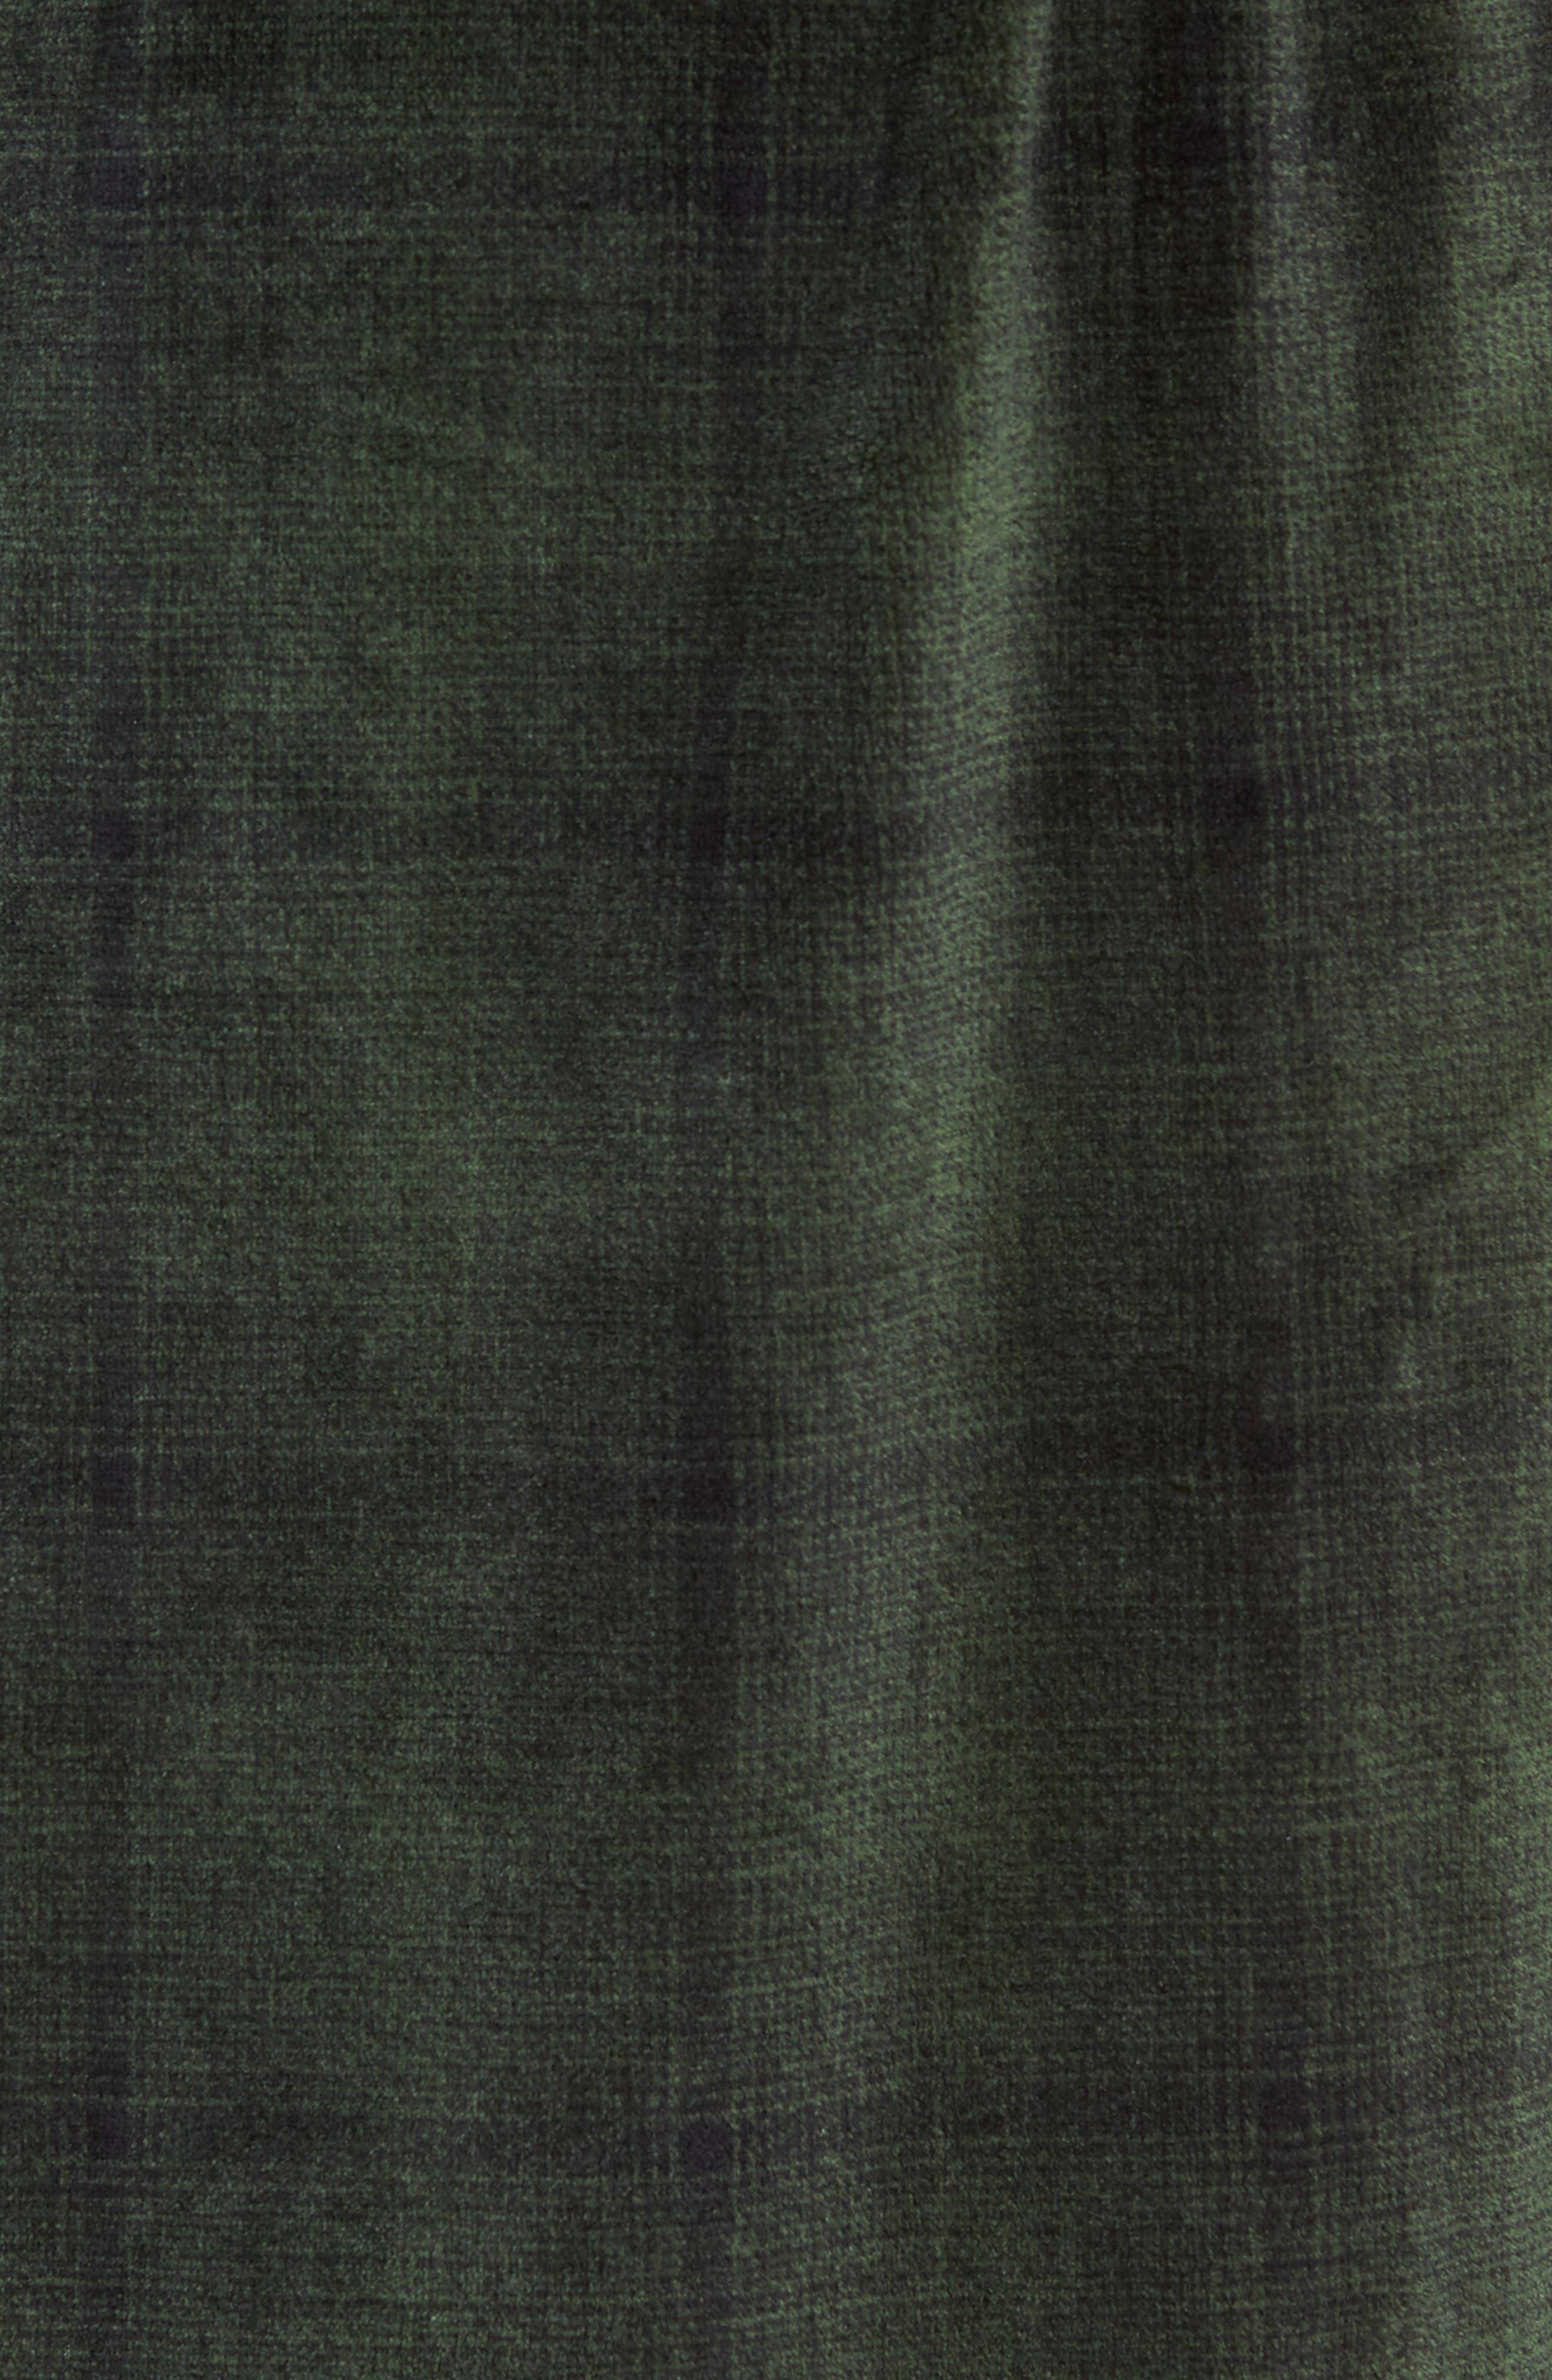 Ombré Plaid Fleece Robe,                             Alternate thumbnail 5, color,                             GREEN - BLACK OMBRE PLAID